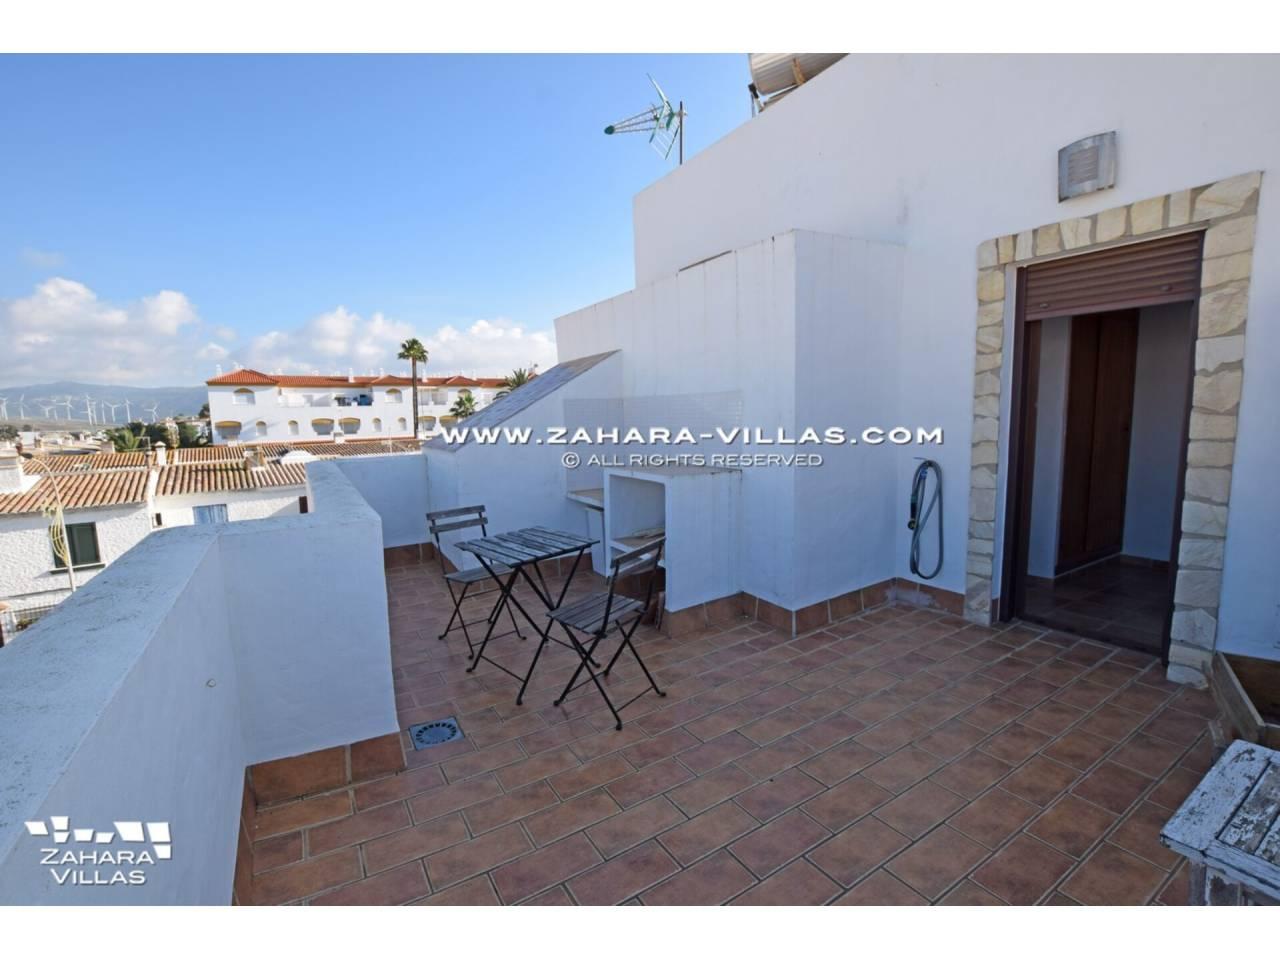 Imagen 15 de Haus zum verkauf in Zahara de los Atunes